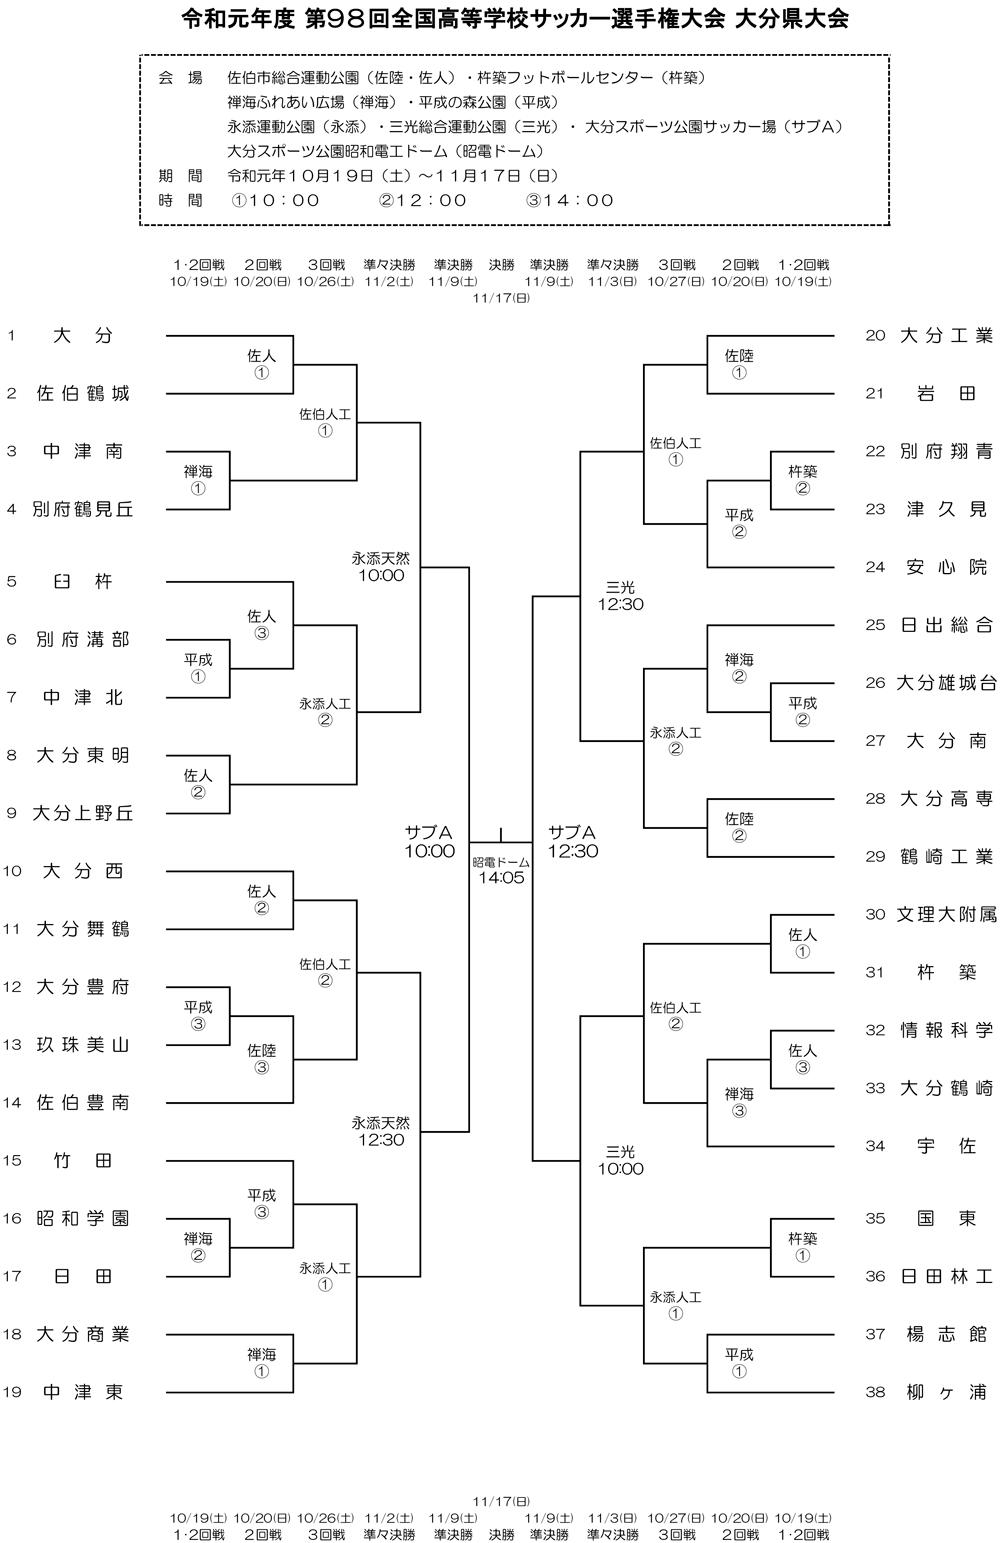 サッカー トーナメント 表 高校